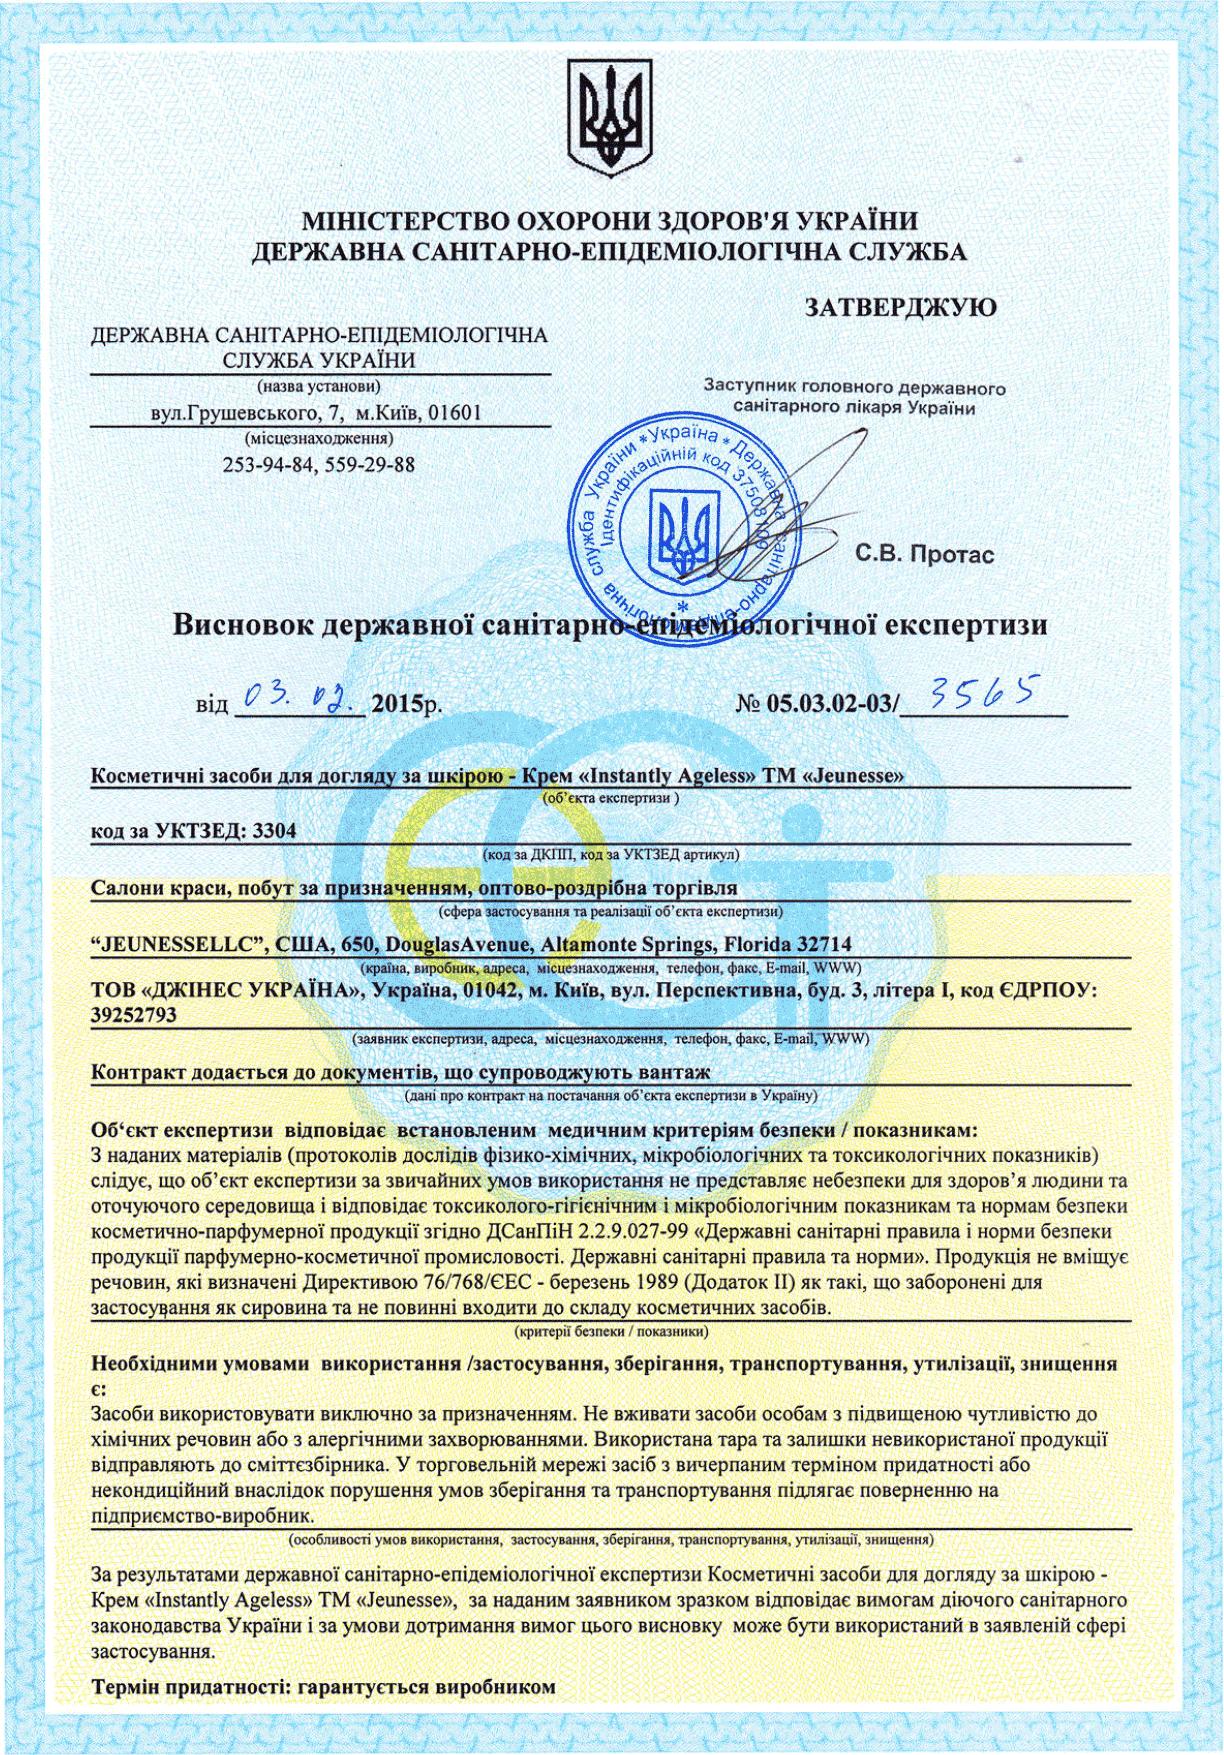 Instantly Ageless. Registration certificate for ukraine. Заключение (Сертификат безопасности) государственной санитарно-эпидемиологической службы Украины для крема Instantly Ageless. Гарантирует безопасность крема при надлежащем использовании. Действует до 2018 года